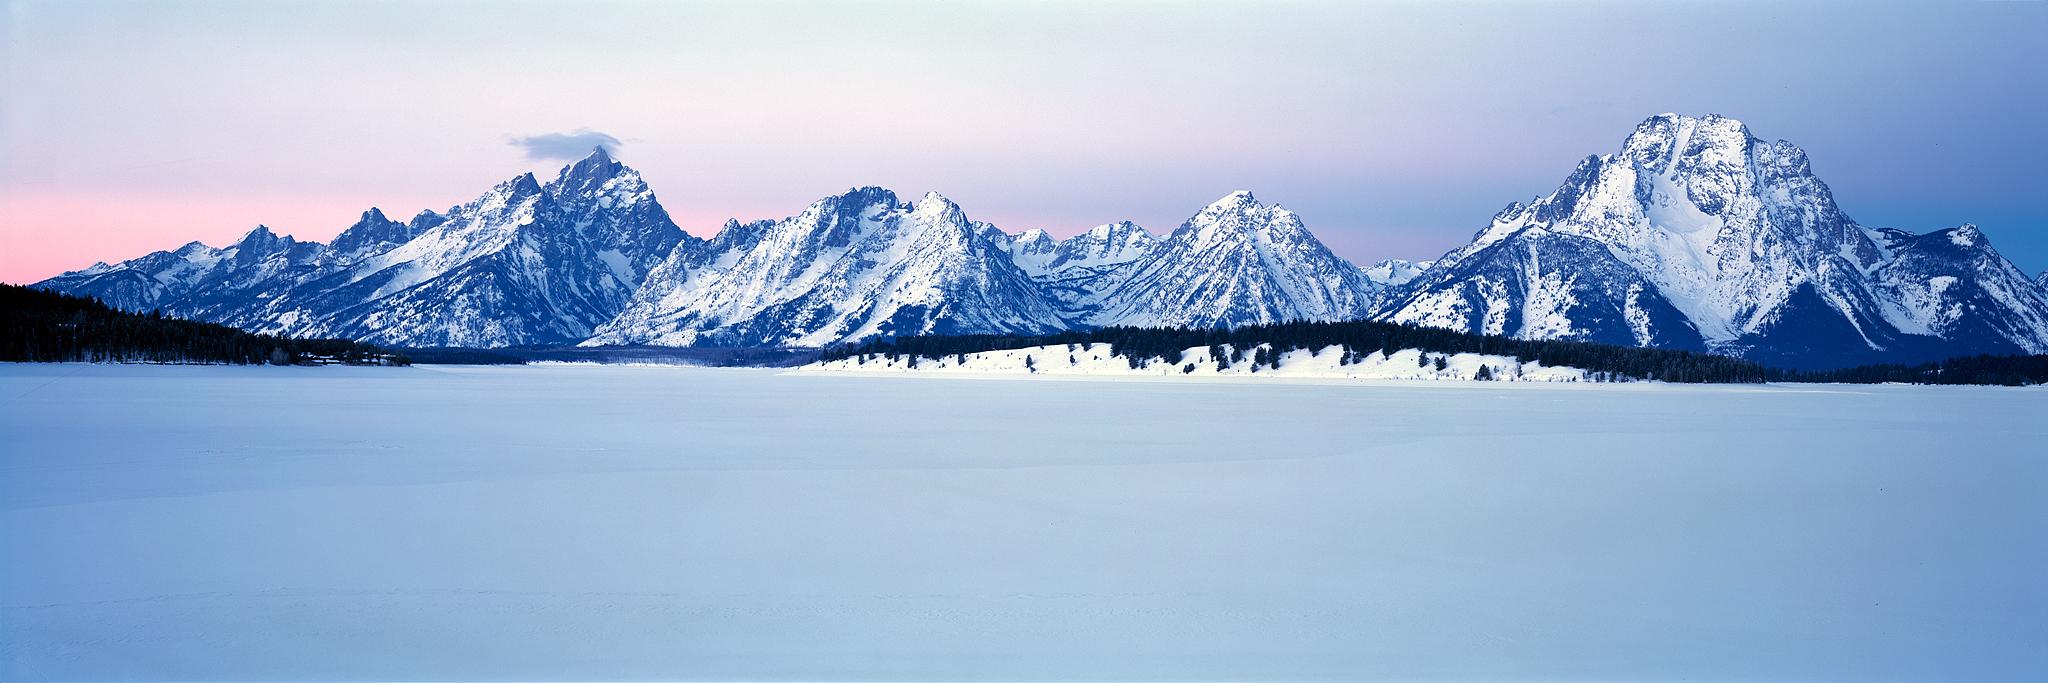 Frozen lake during winter sunrise : Wyoming